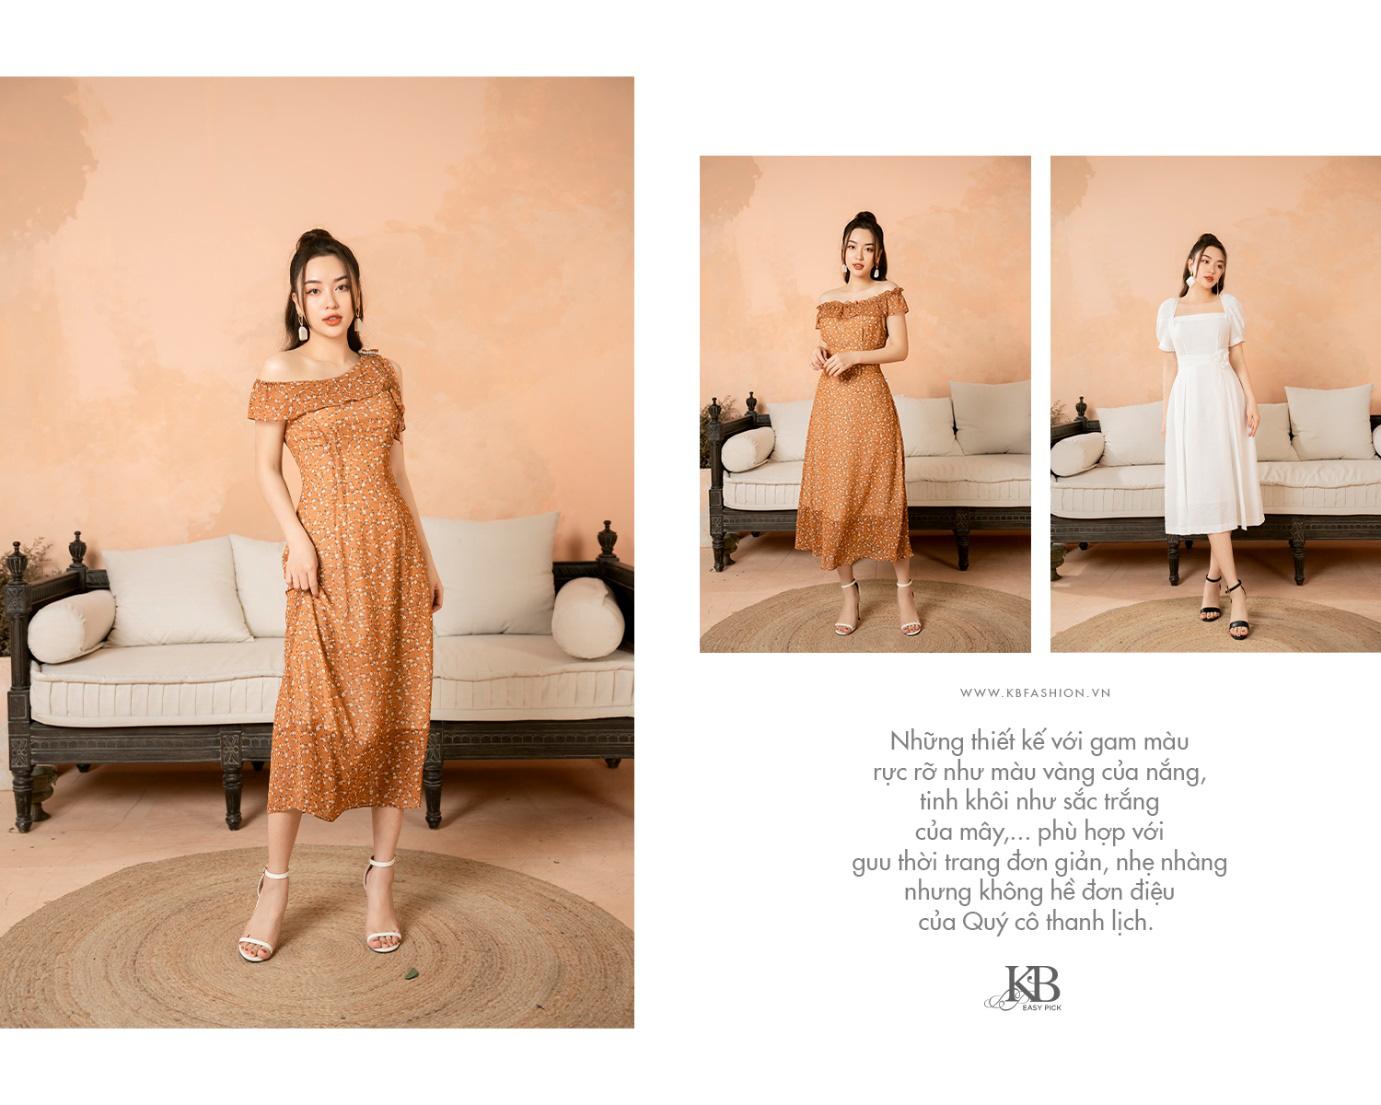 """Hô biến tủ đồ công sở mùa hè với phong cách """"Morocco"""" của KB Fashion - Ảnh 5."""